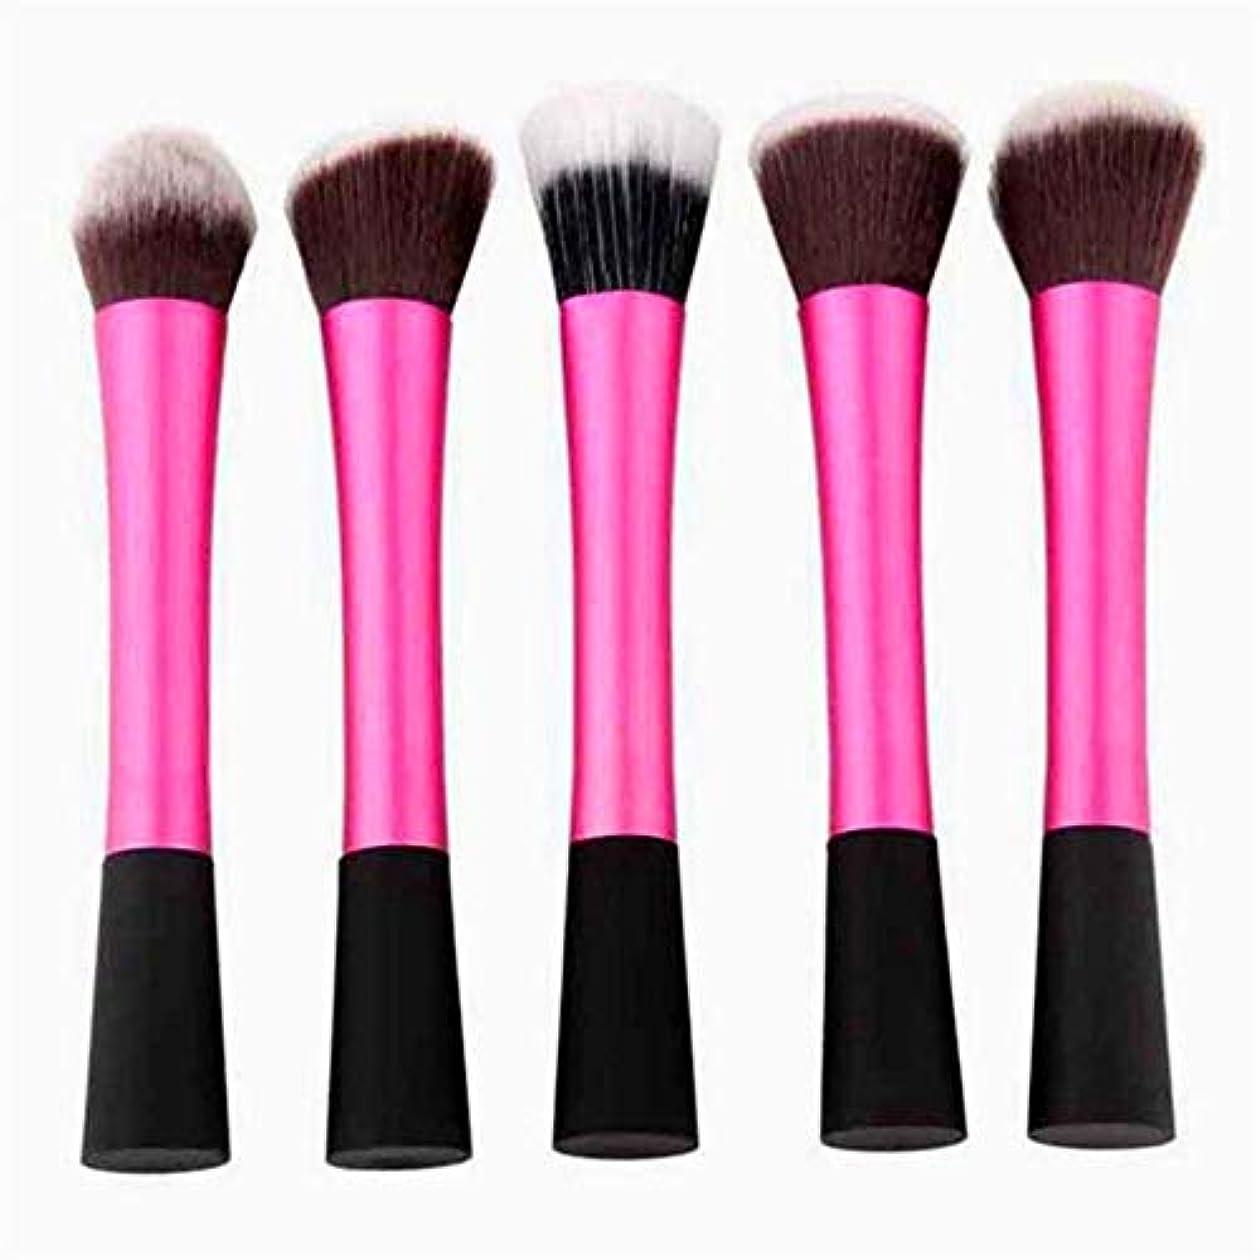 最も早い旅行者愛国的なMakeup brushes 5ピースピンクメイクアップブラシセット熟したアイドルパウダーブラシアイシャドウブラシ輪郭ブラシ suits (Color : Pink)